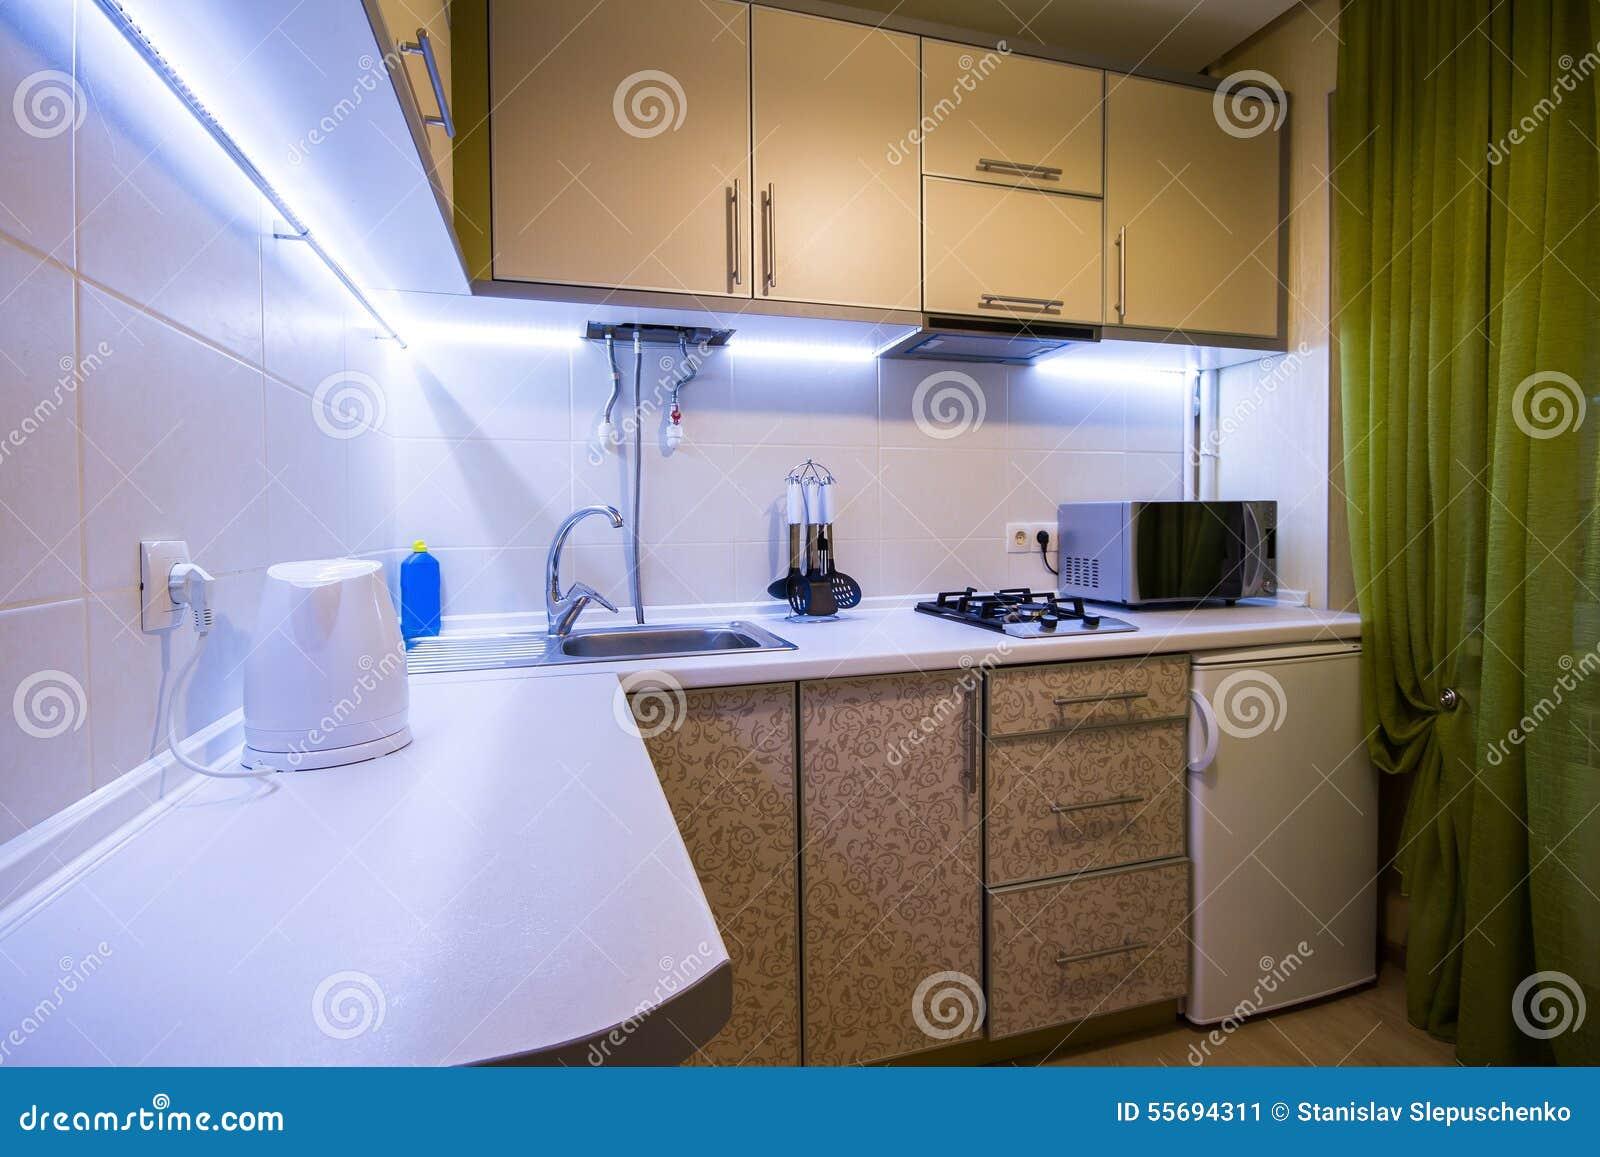 Moderne kleine keuken met groene gordijnen stock foto   afbeelding ...